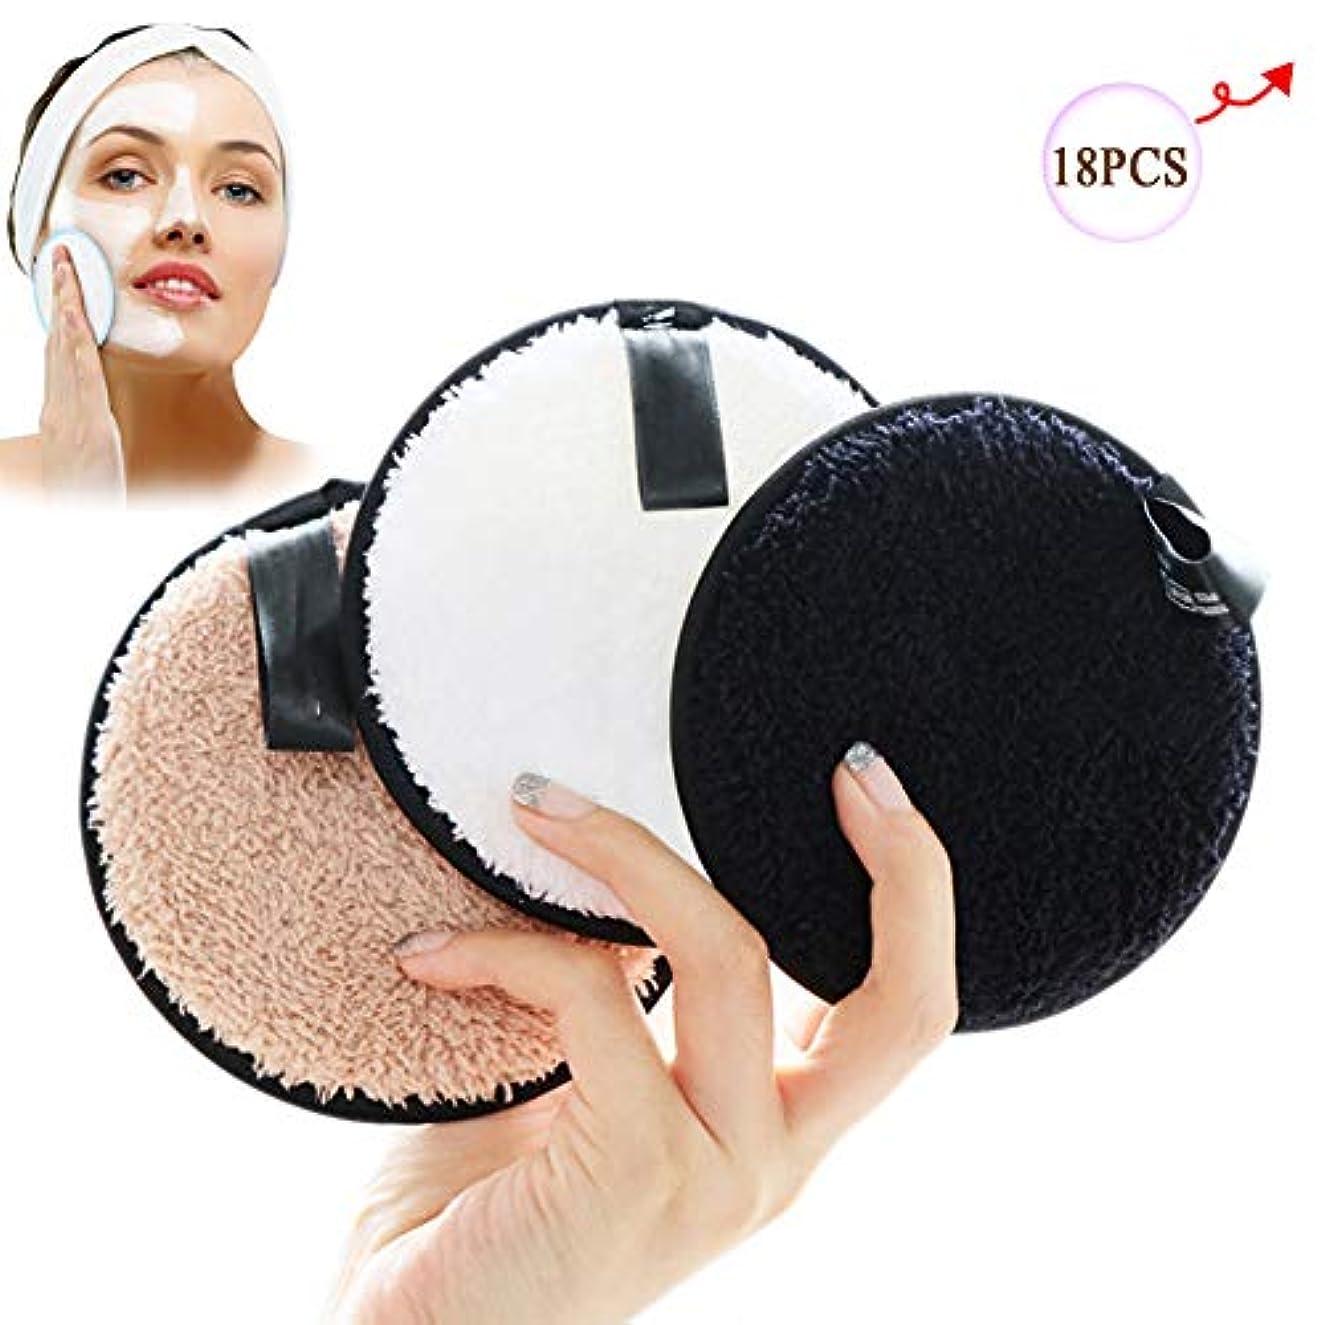 不機嫌そうなしない引き付ける除去剤のパッド、女性の表面/目/唇のための再使用可能な清潔になる綿繊維の構造の除去剤のワイプ,18PCS